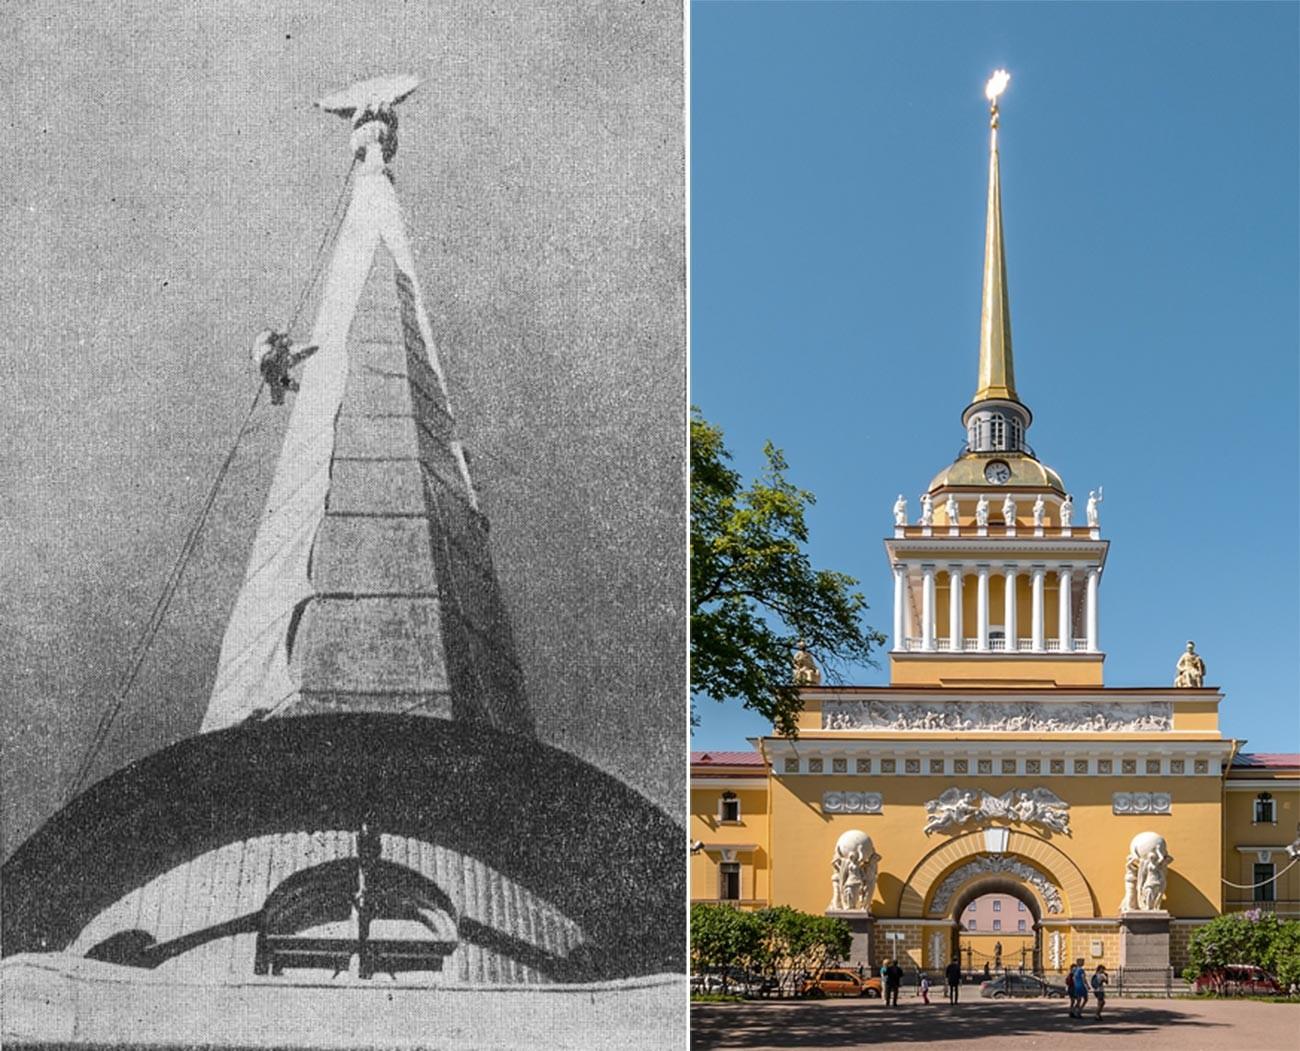 左側は旧海軍省の尖塔の偽装